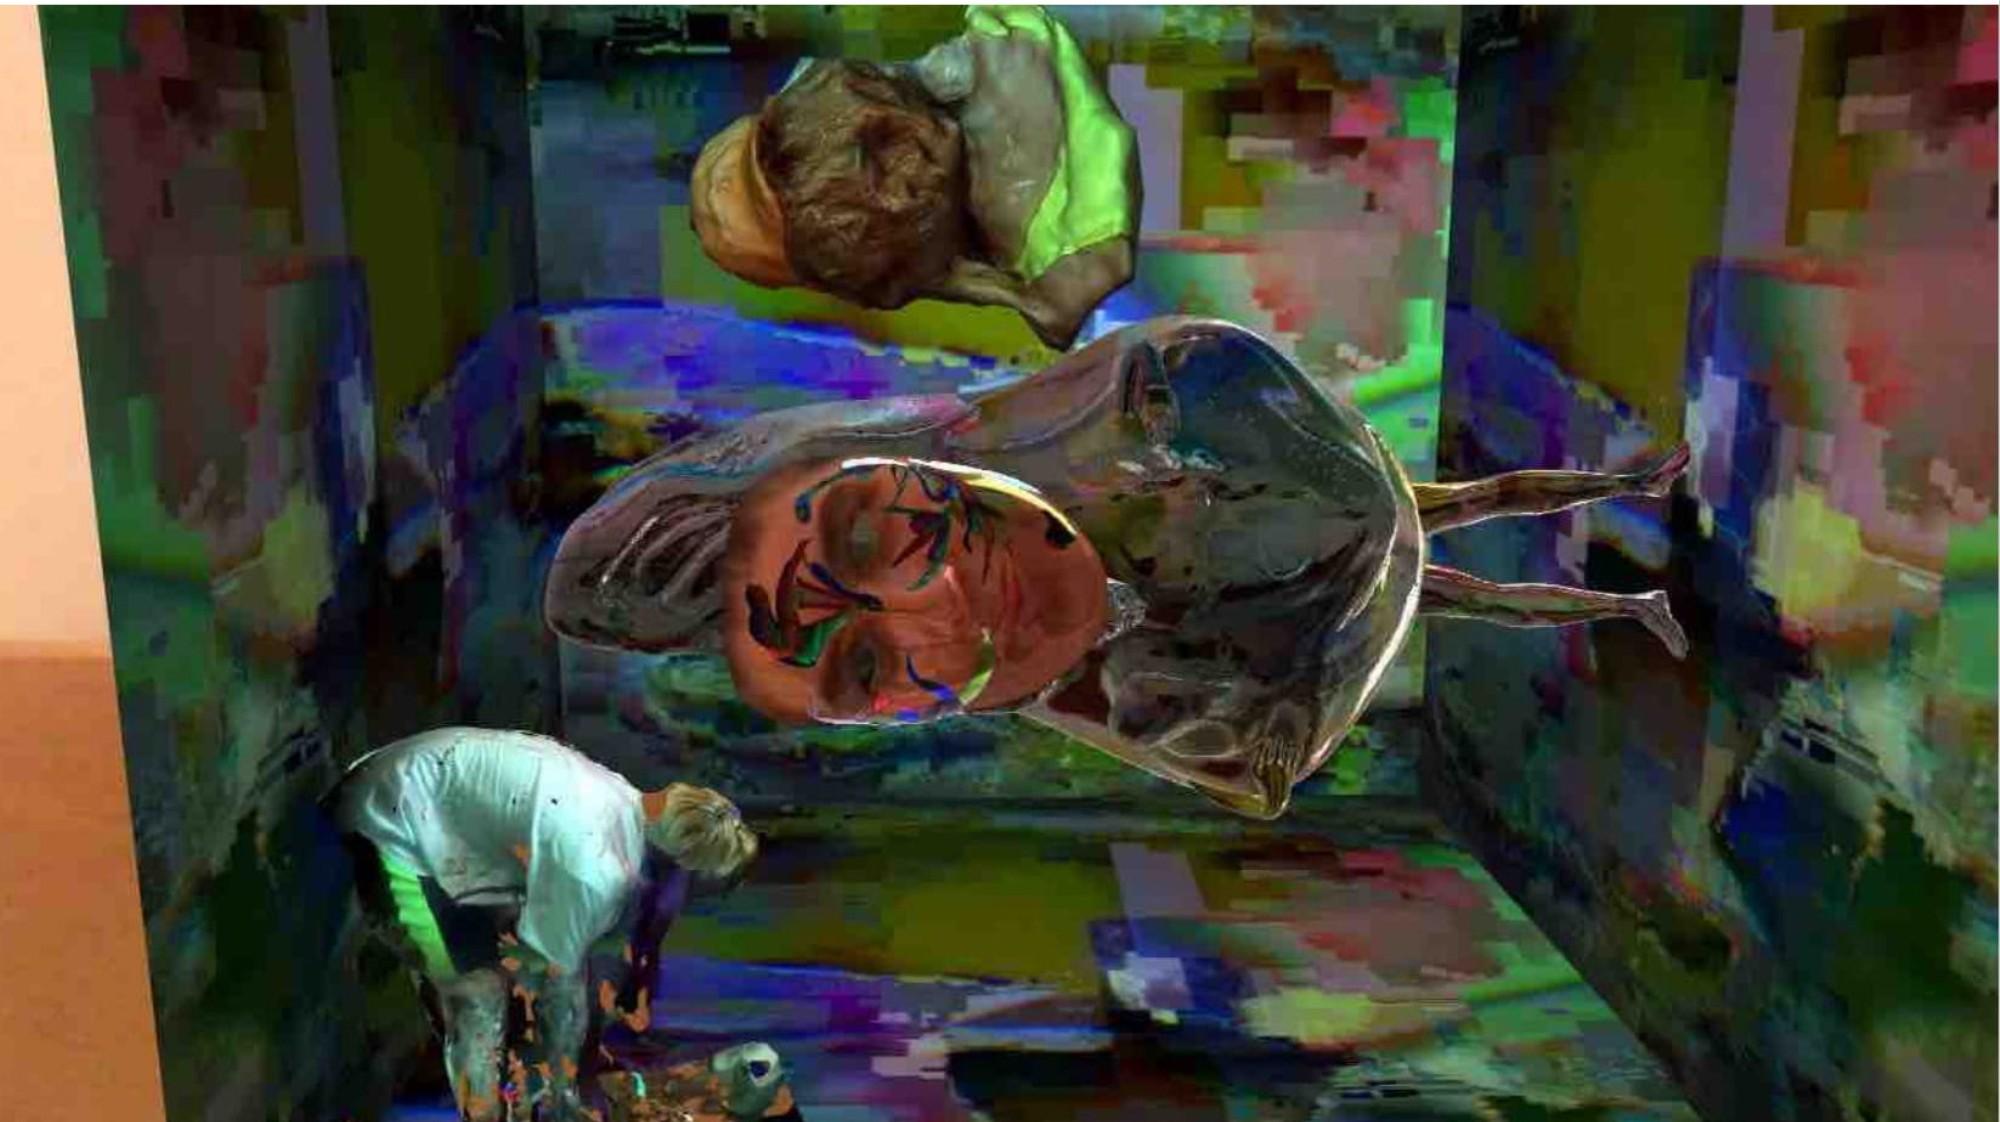 Tauch ein in die virtuelle Welt von Digi Gal - i-D